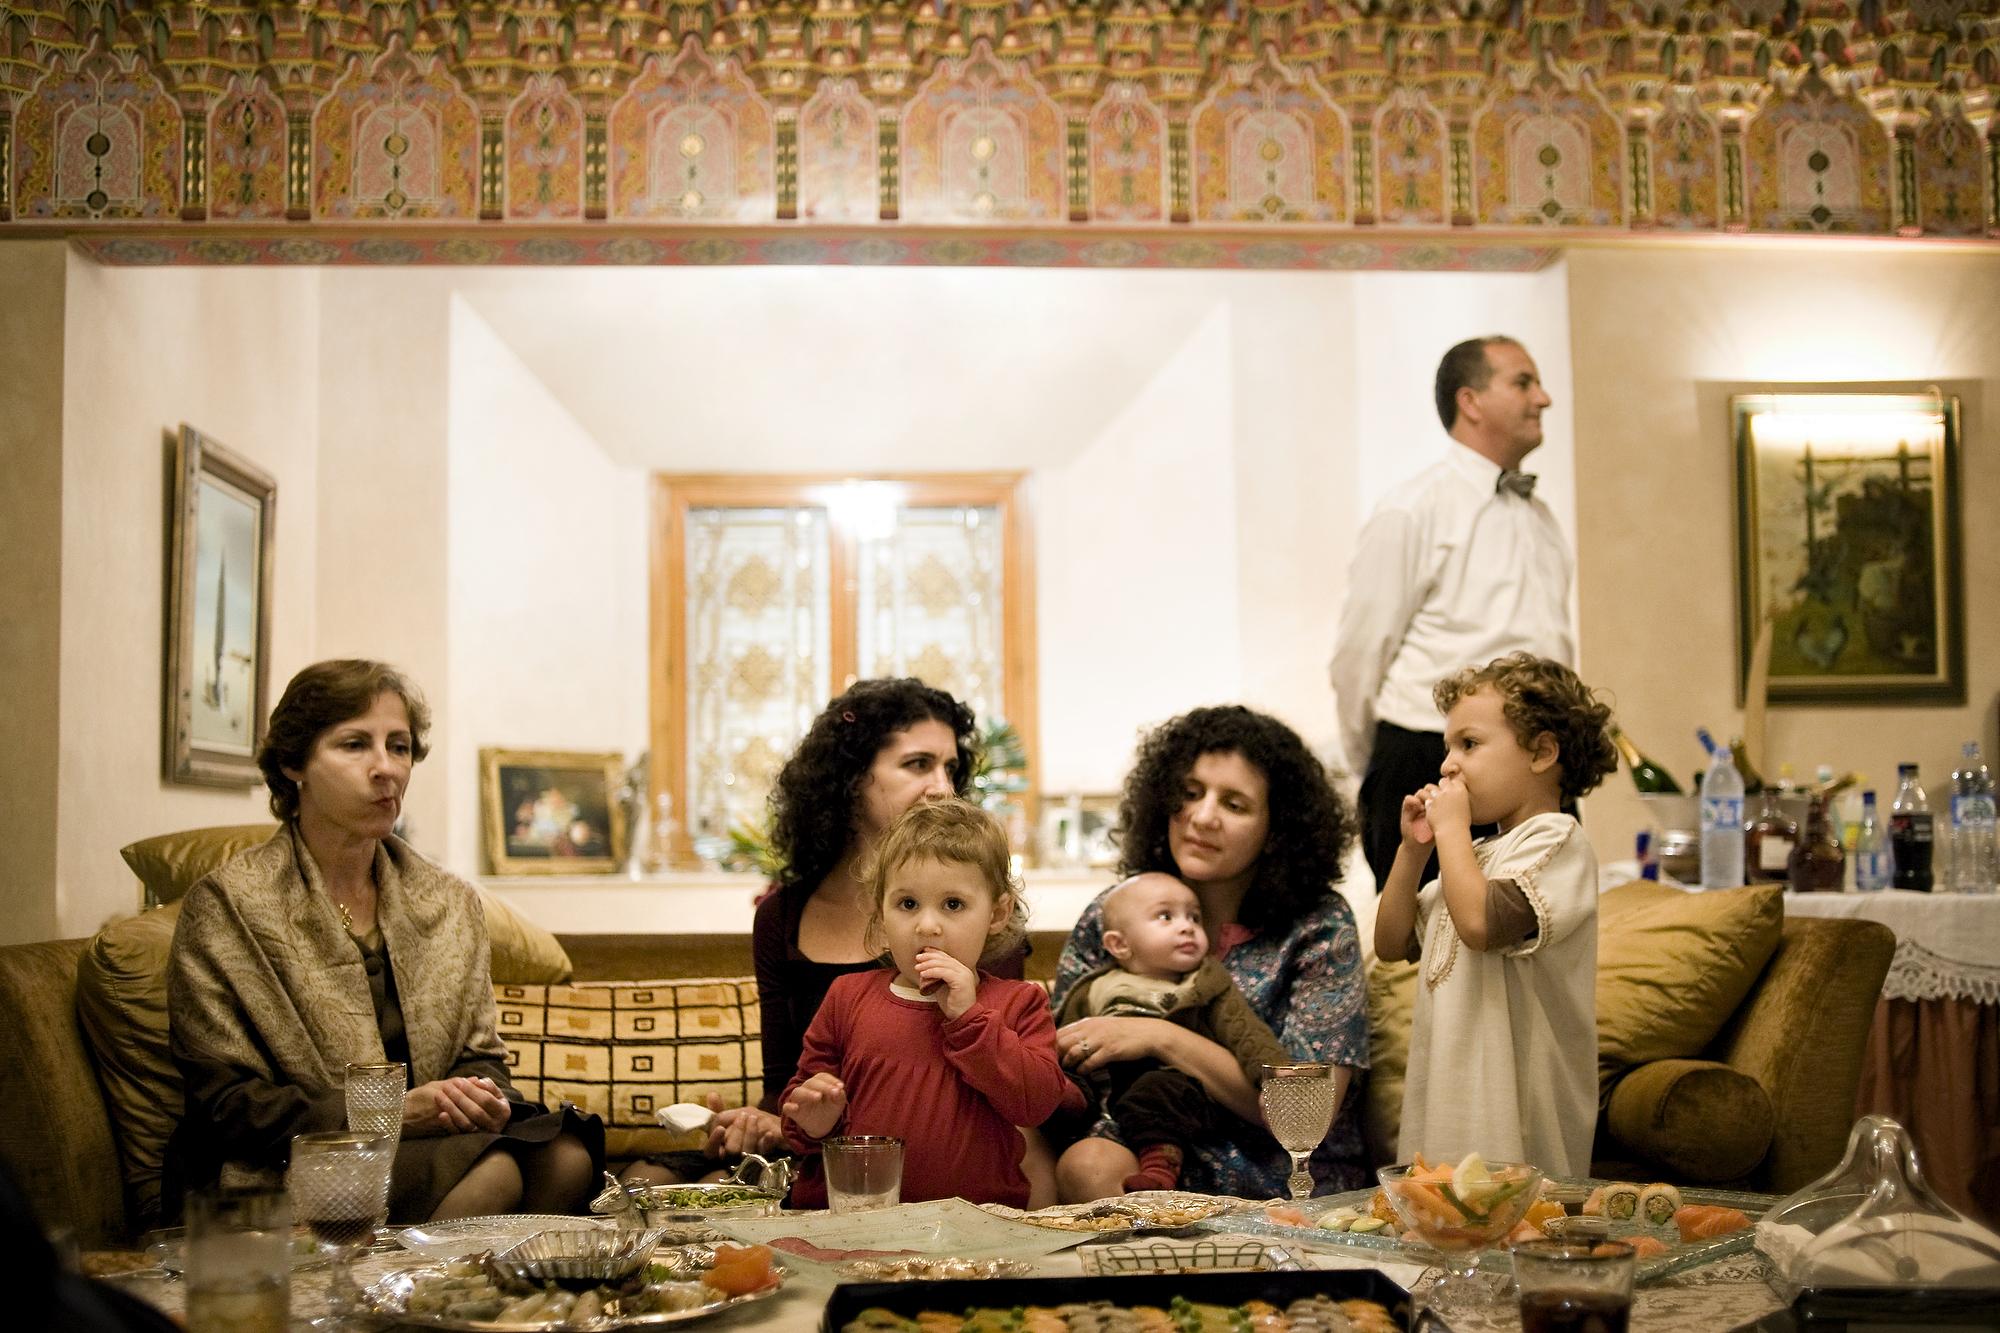 Aaron Vincent Elkaim, Mimouna in Casablanca, 2010